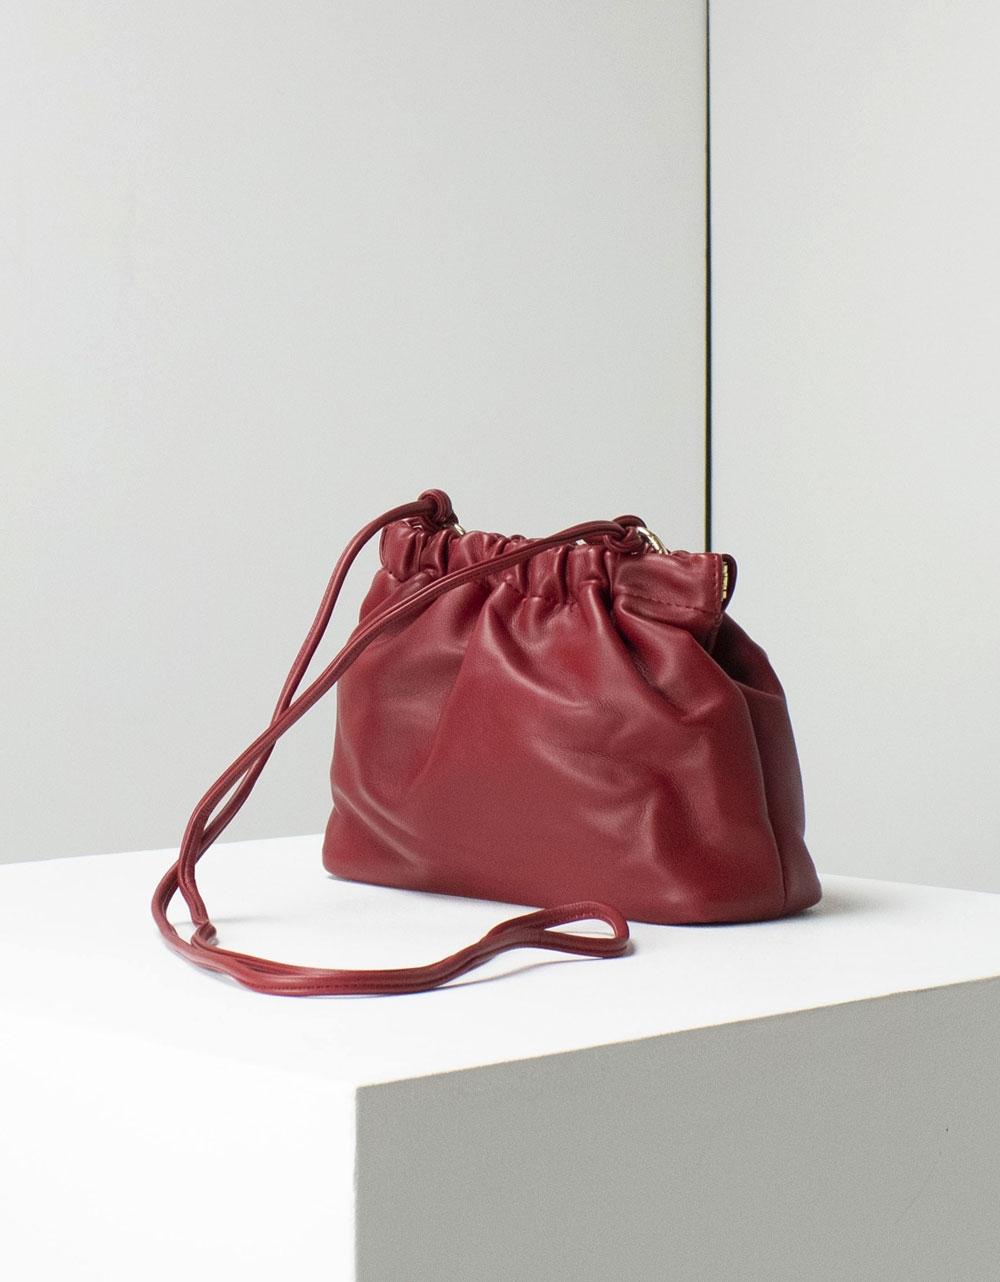 Εικόνα από Γυναικεία τσάντα ώμου μονόχρωμη Μπορντώ